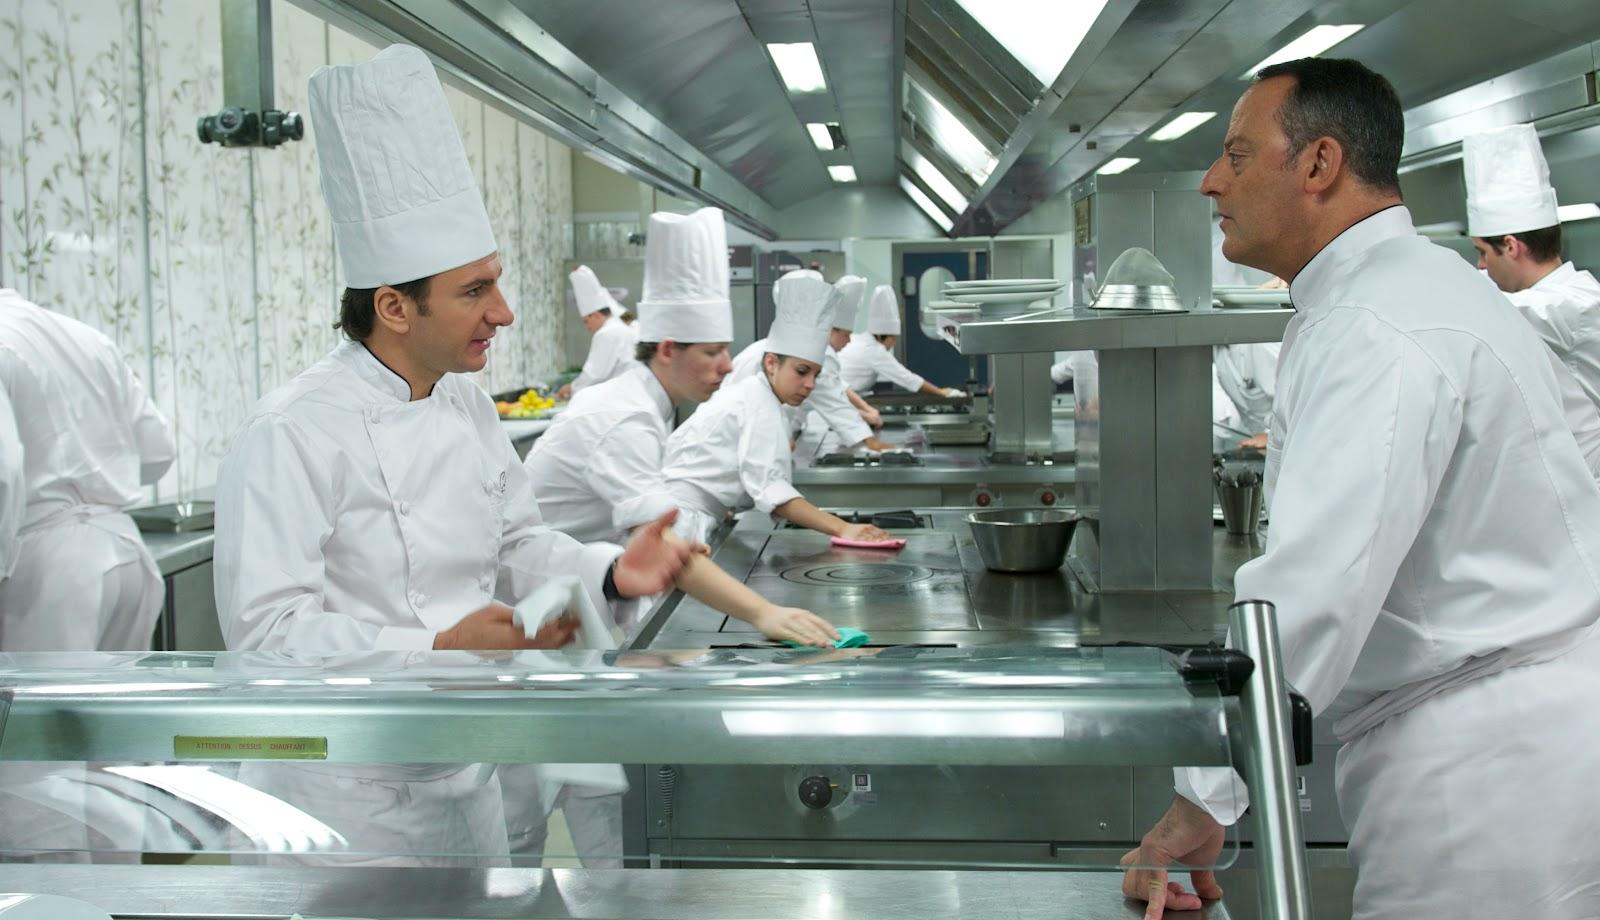 Шеф (Comme un chef, 2012)